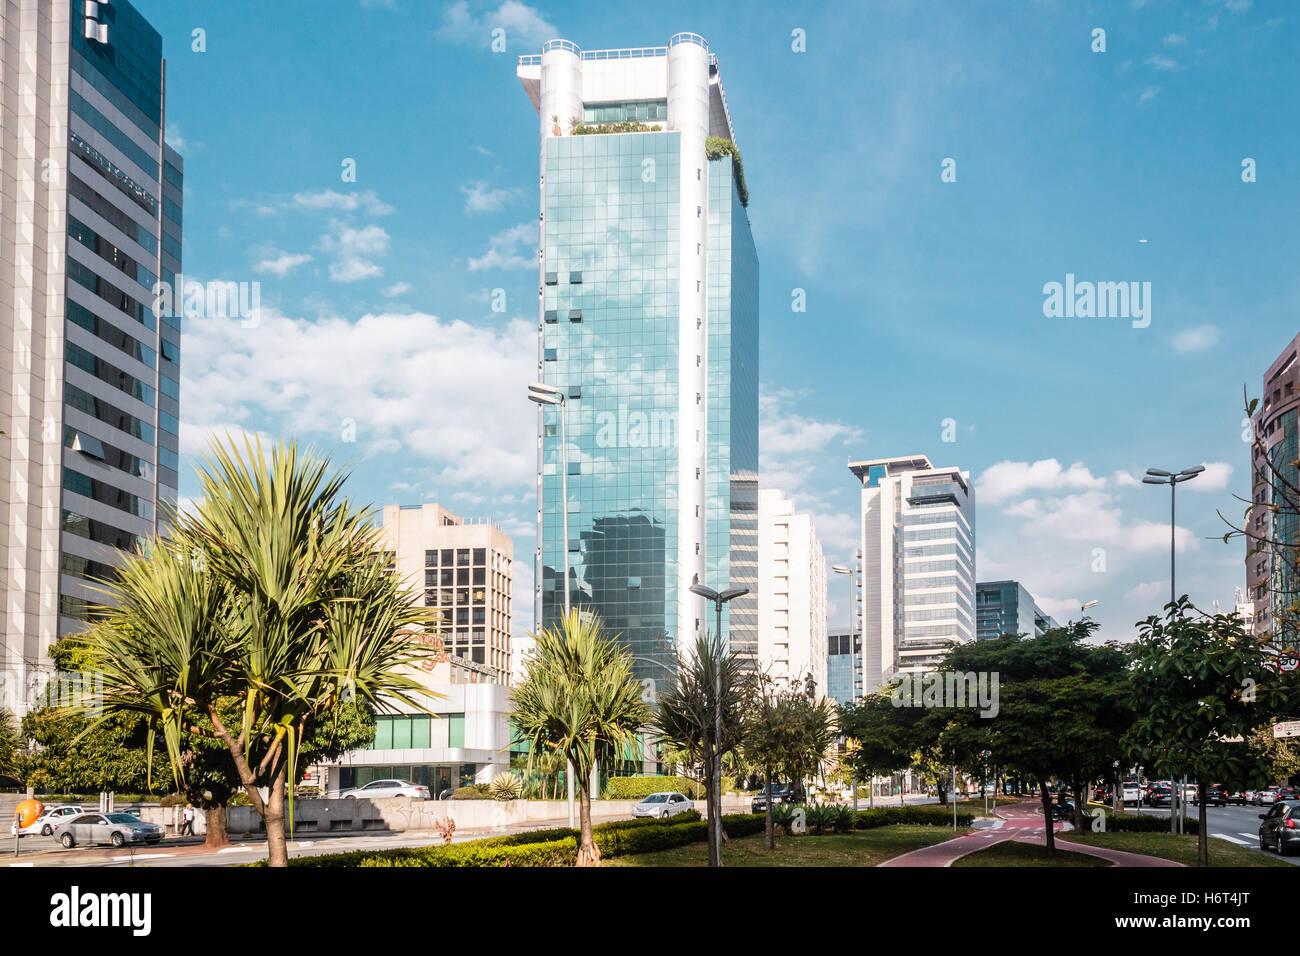 Foto di edifici e strade di Sao Paulo, Brasile (Brasile) Immagini Stock